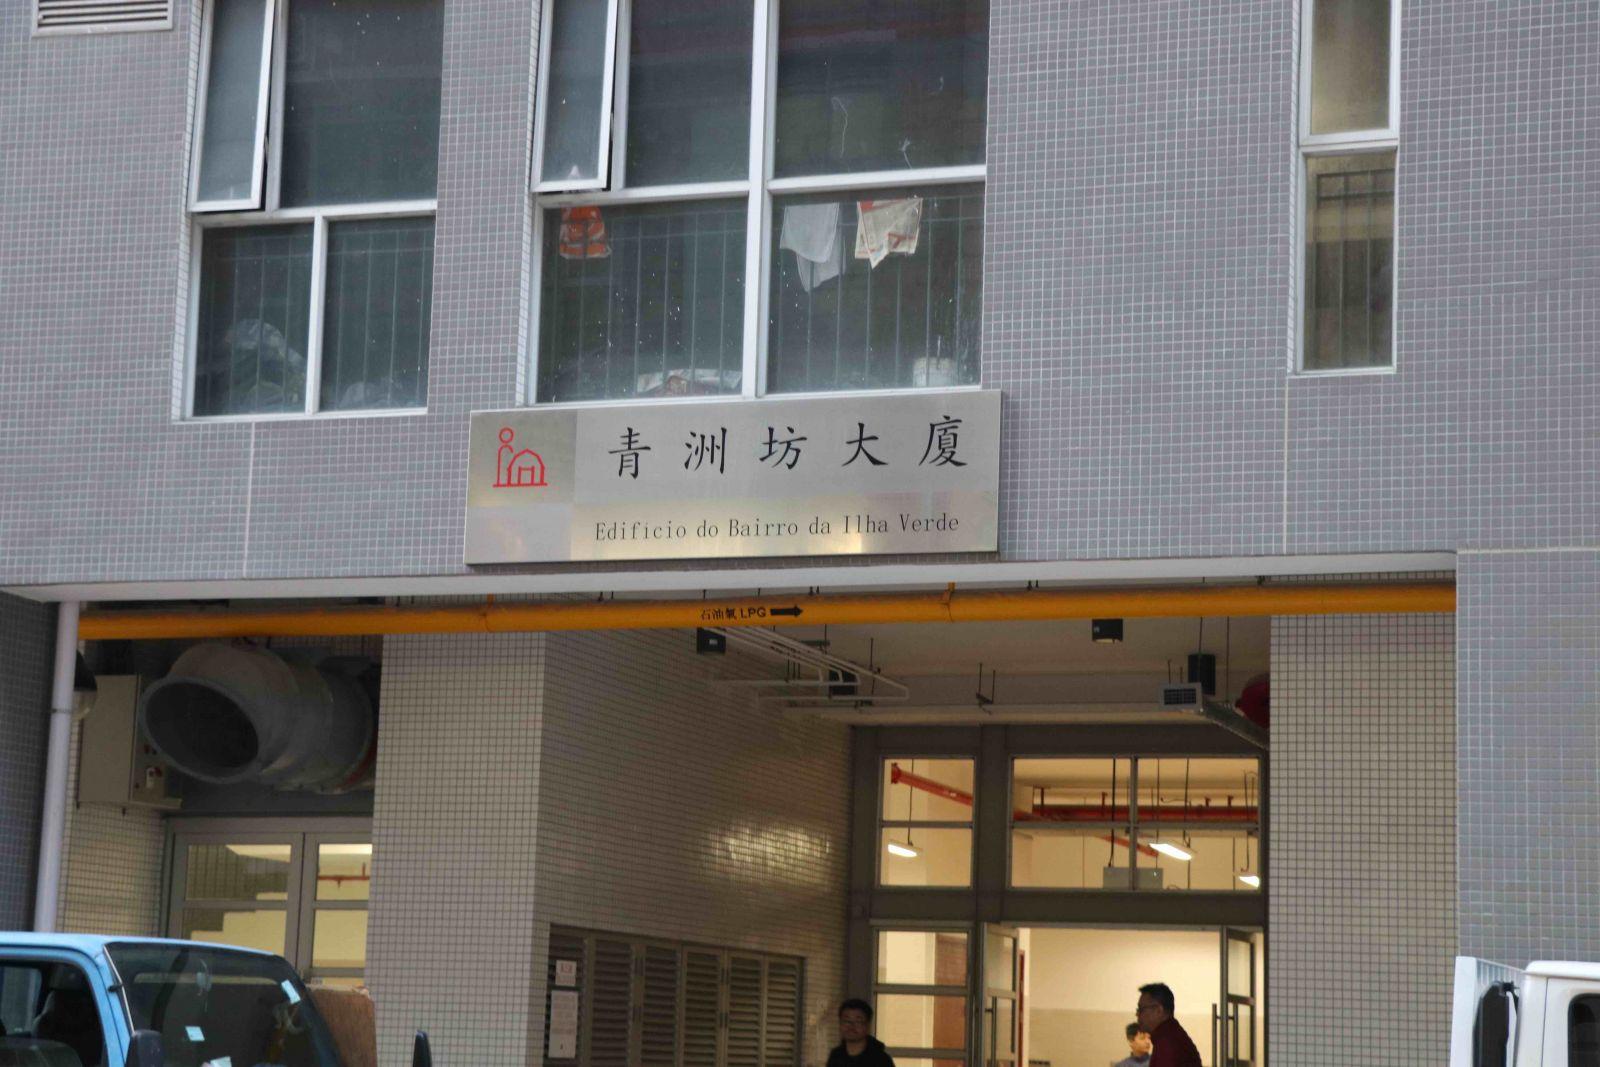 梁毓森:消防意見不具約束力